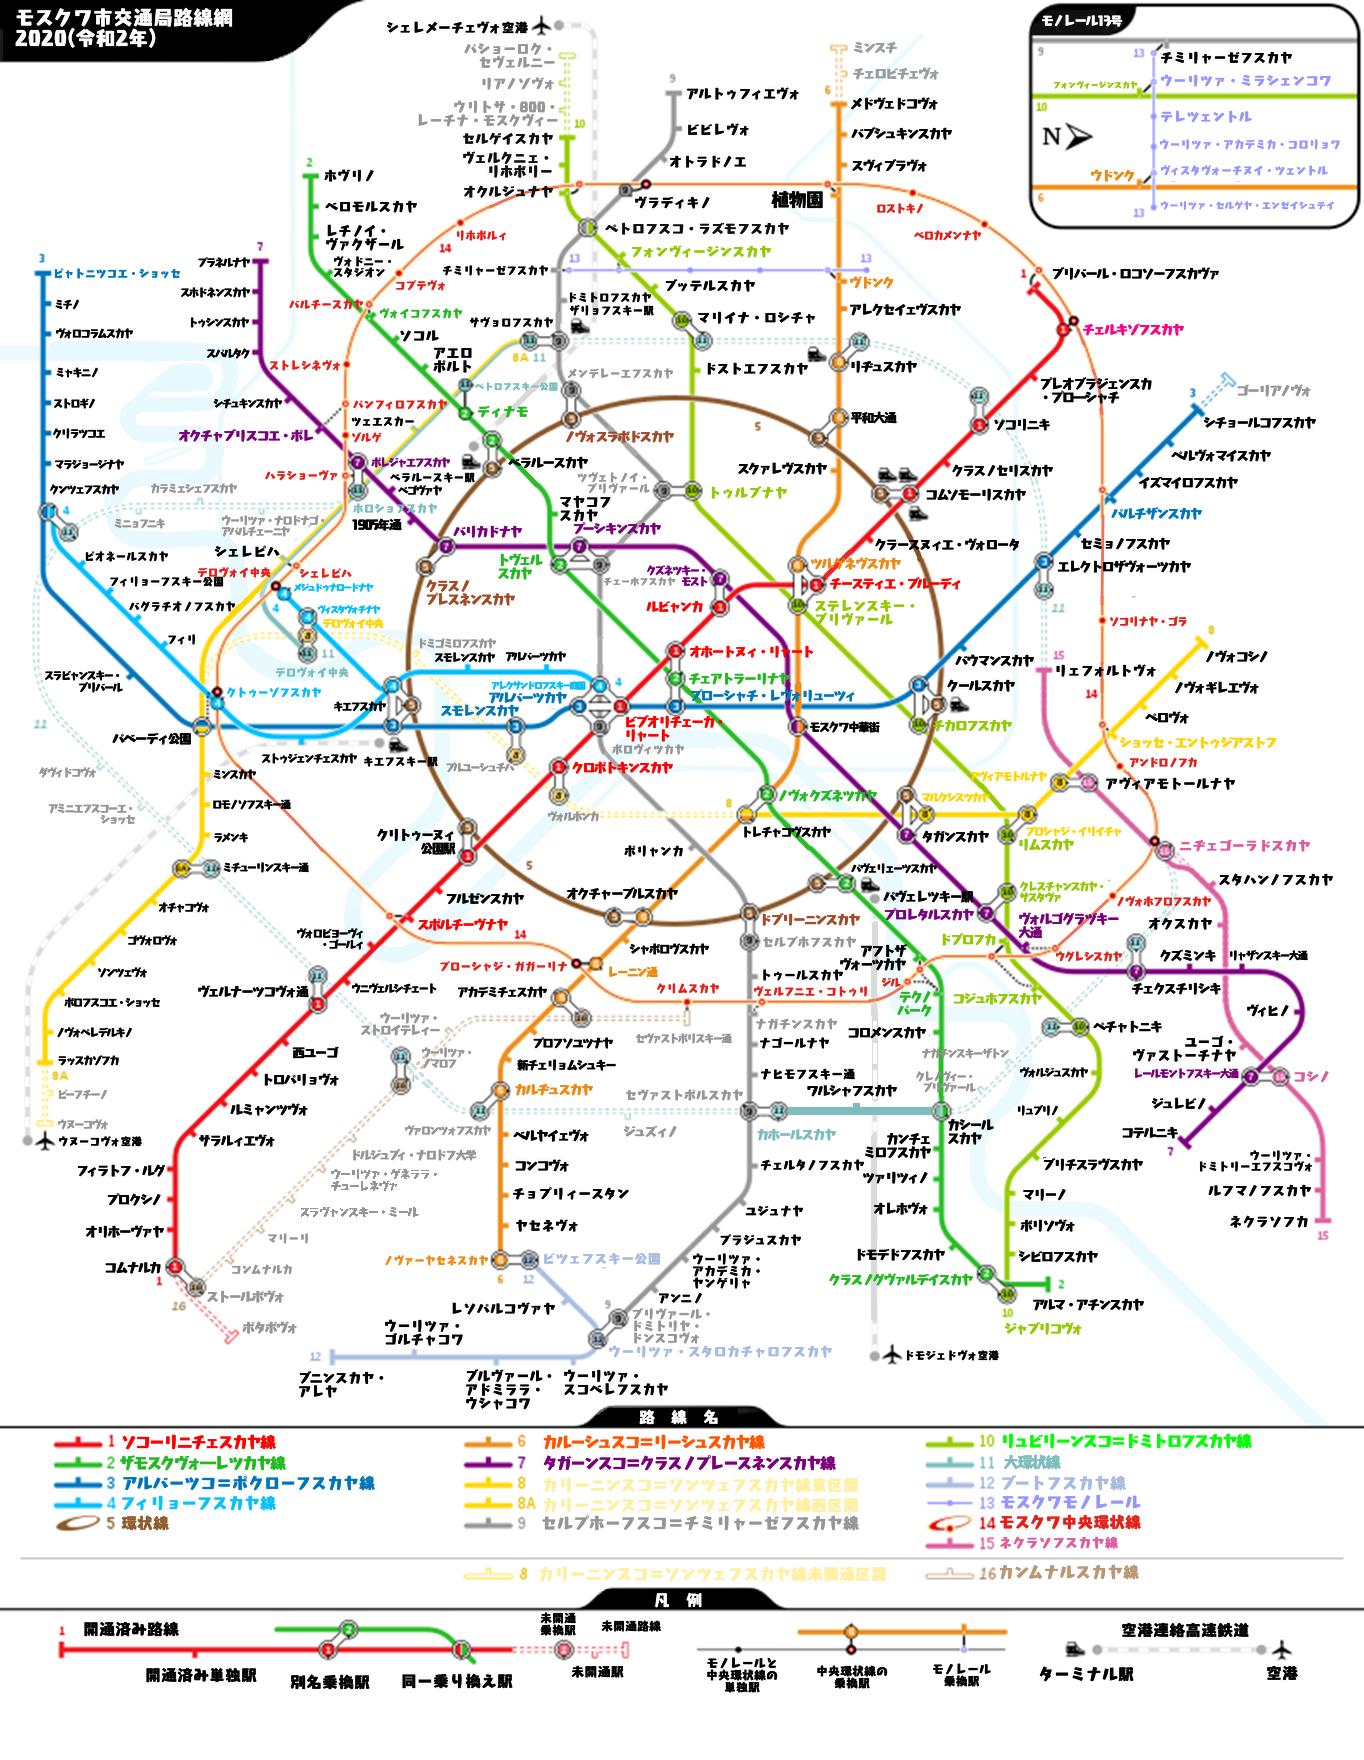 モスクワ地下鉄路線網2020日本語訳